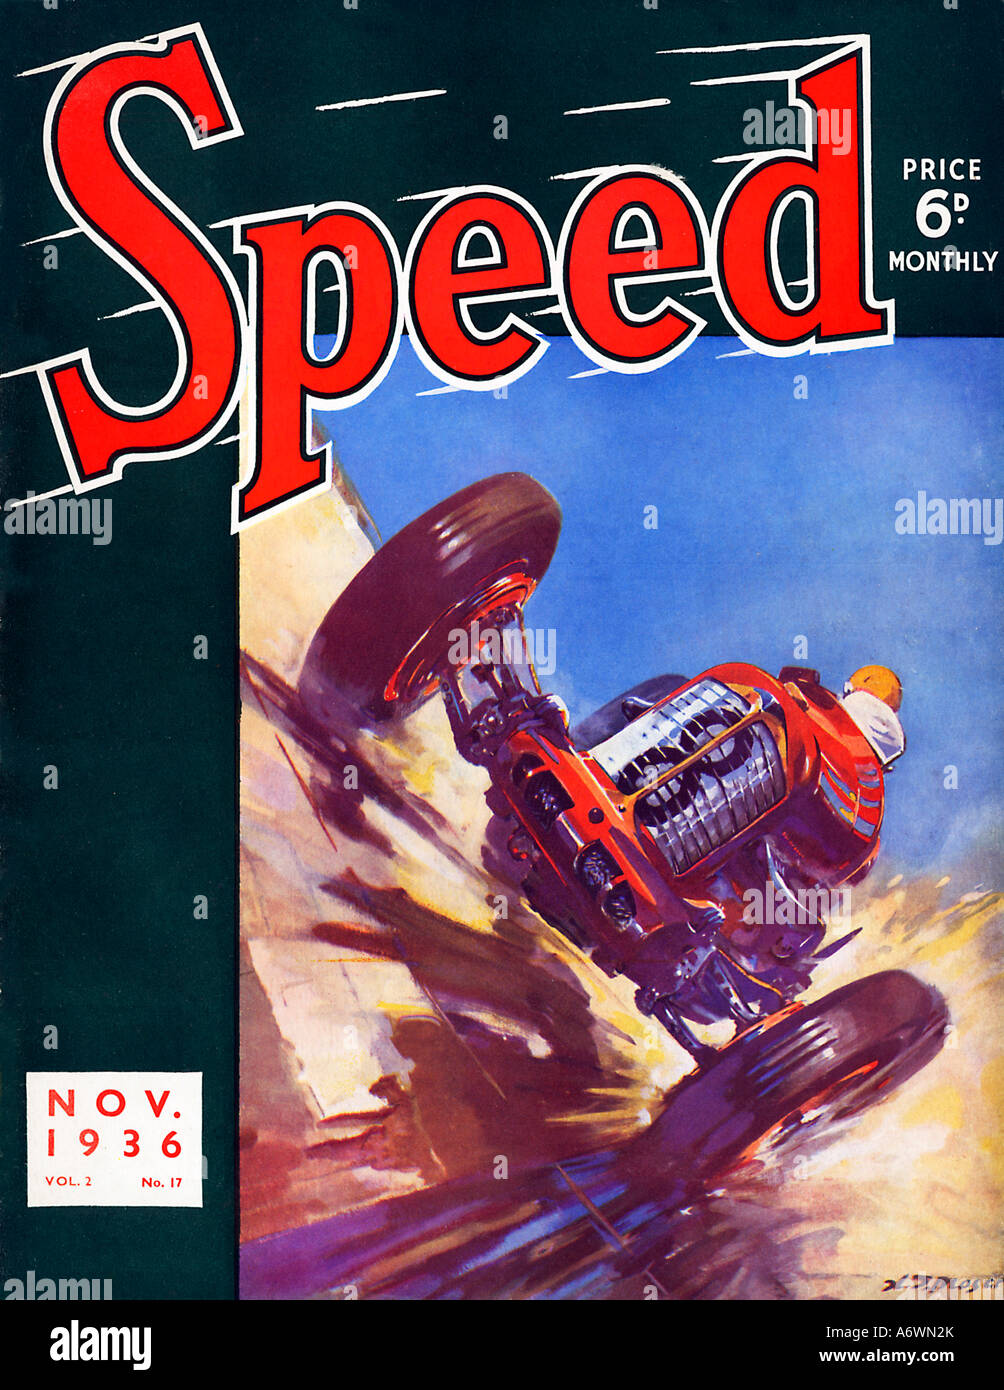 Velocità Nov 1936 copertina della rivista per il motore agli appassionati di sport con una vettura da corsa Immagini Stock